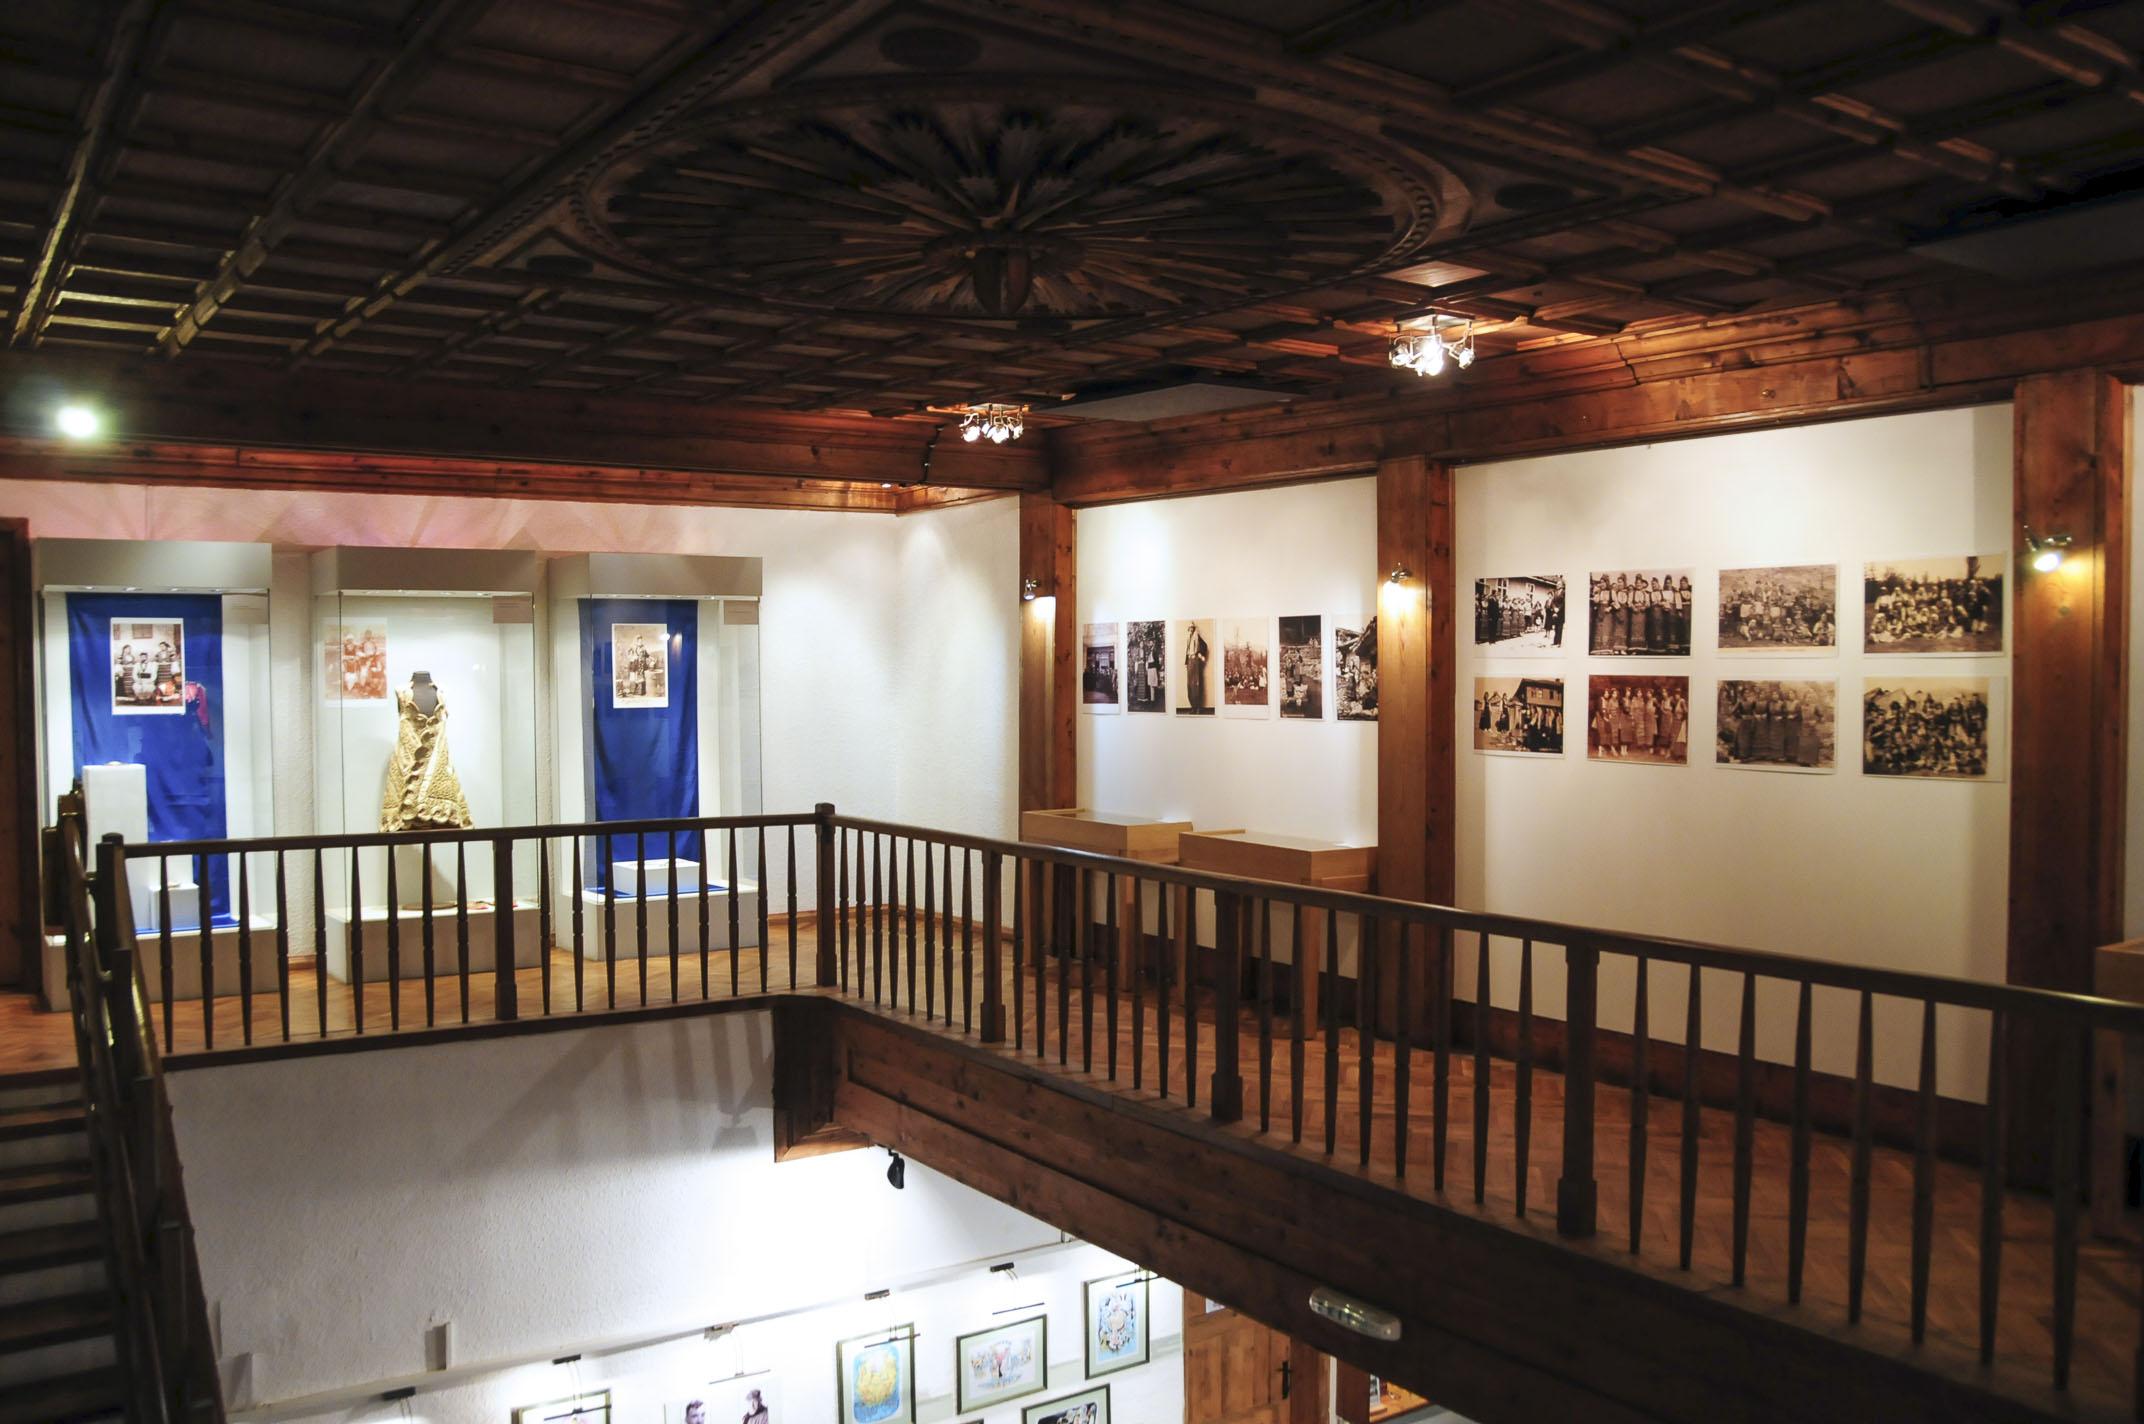 troyan-museum-bylgarsko-zlatarsko-izkustvo-27